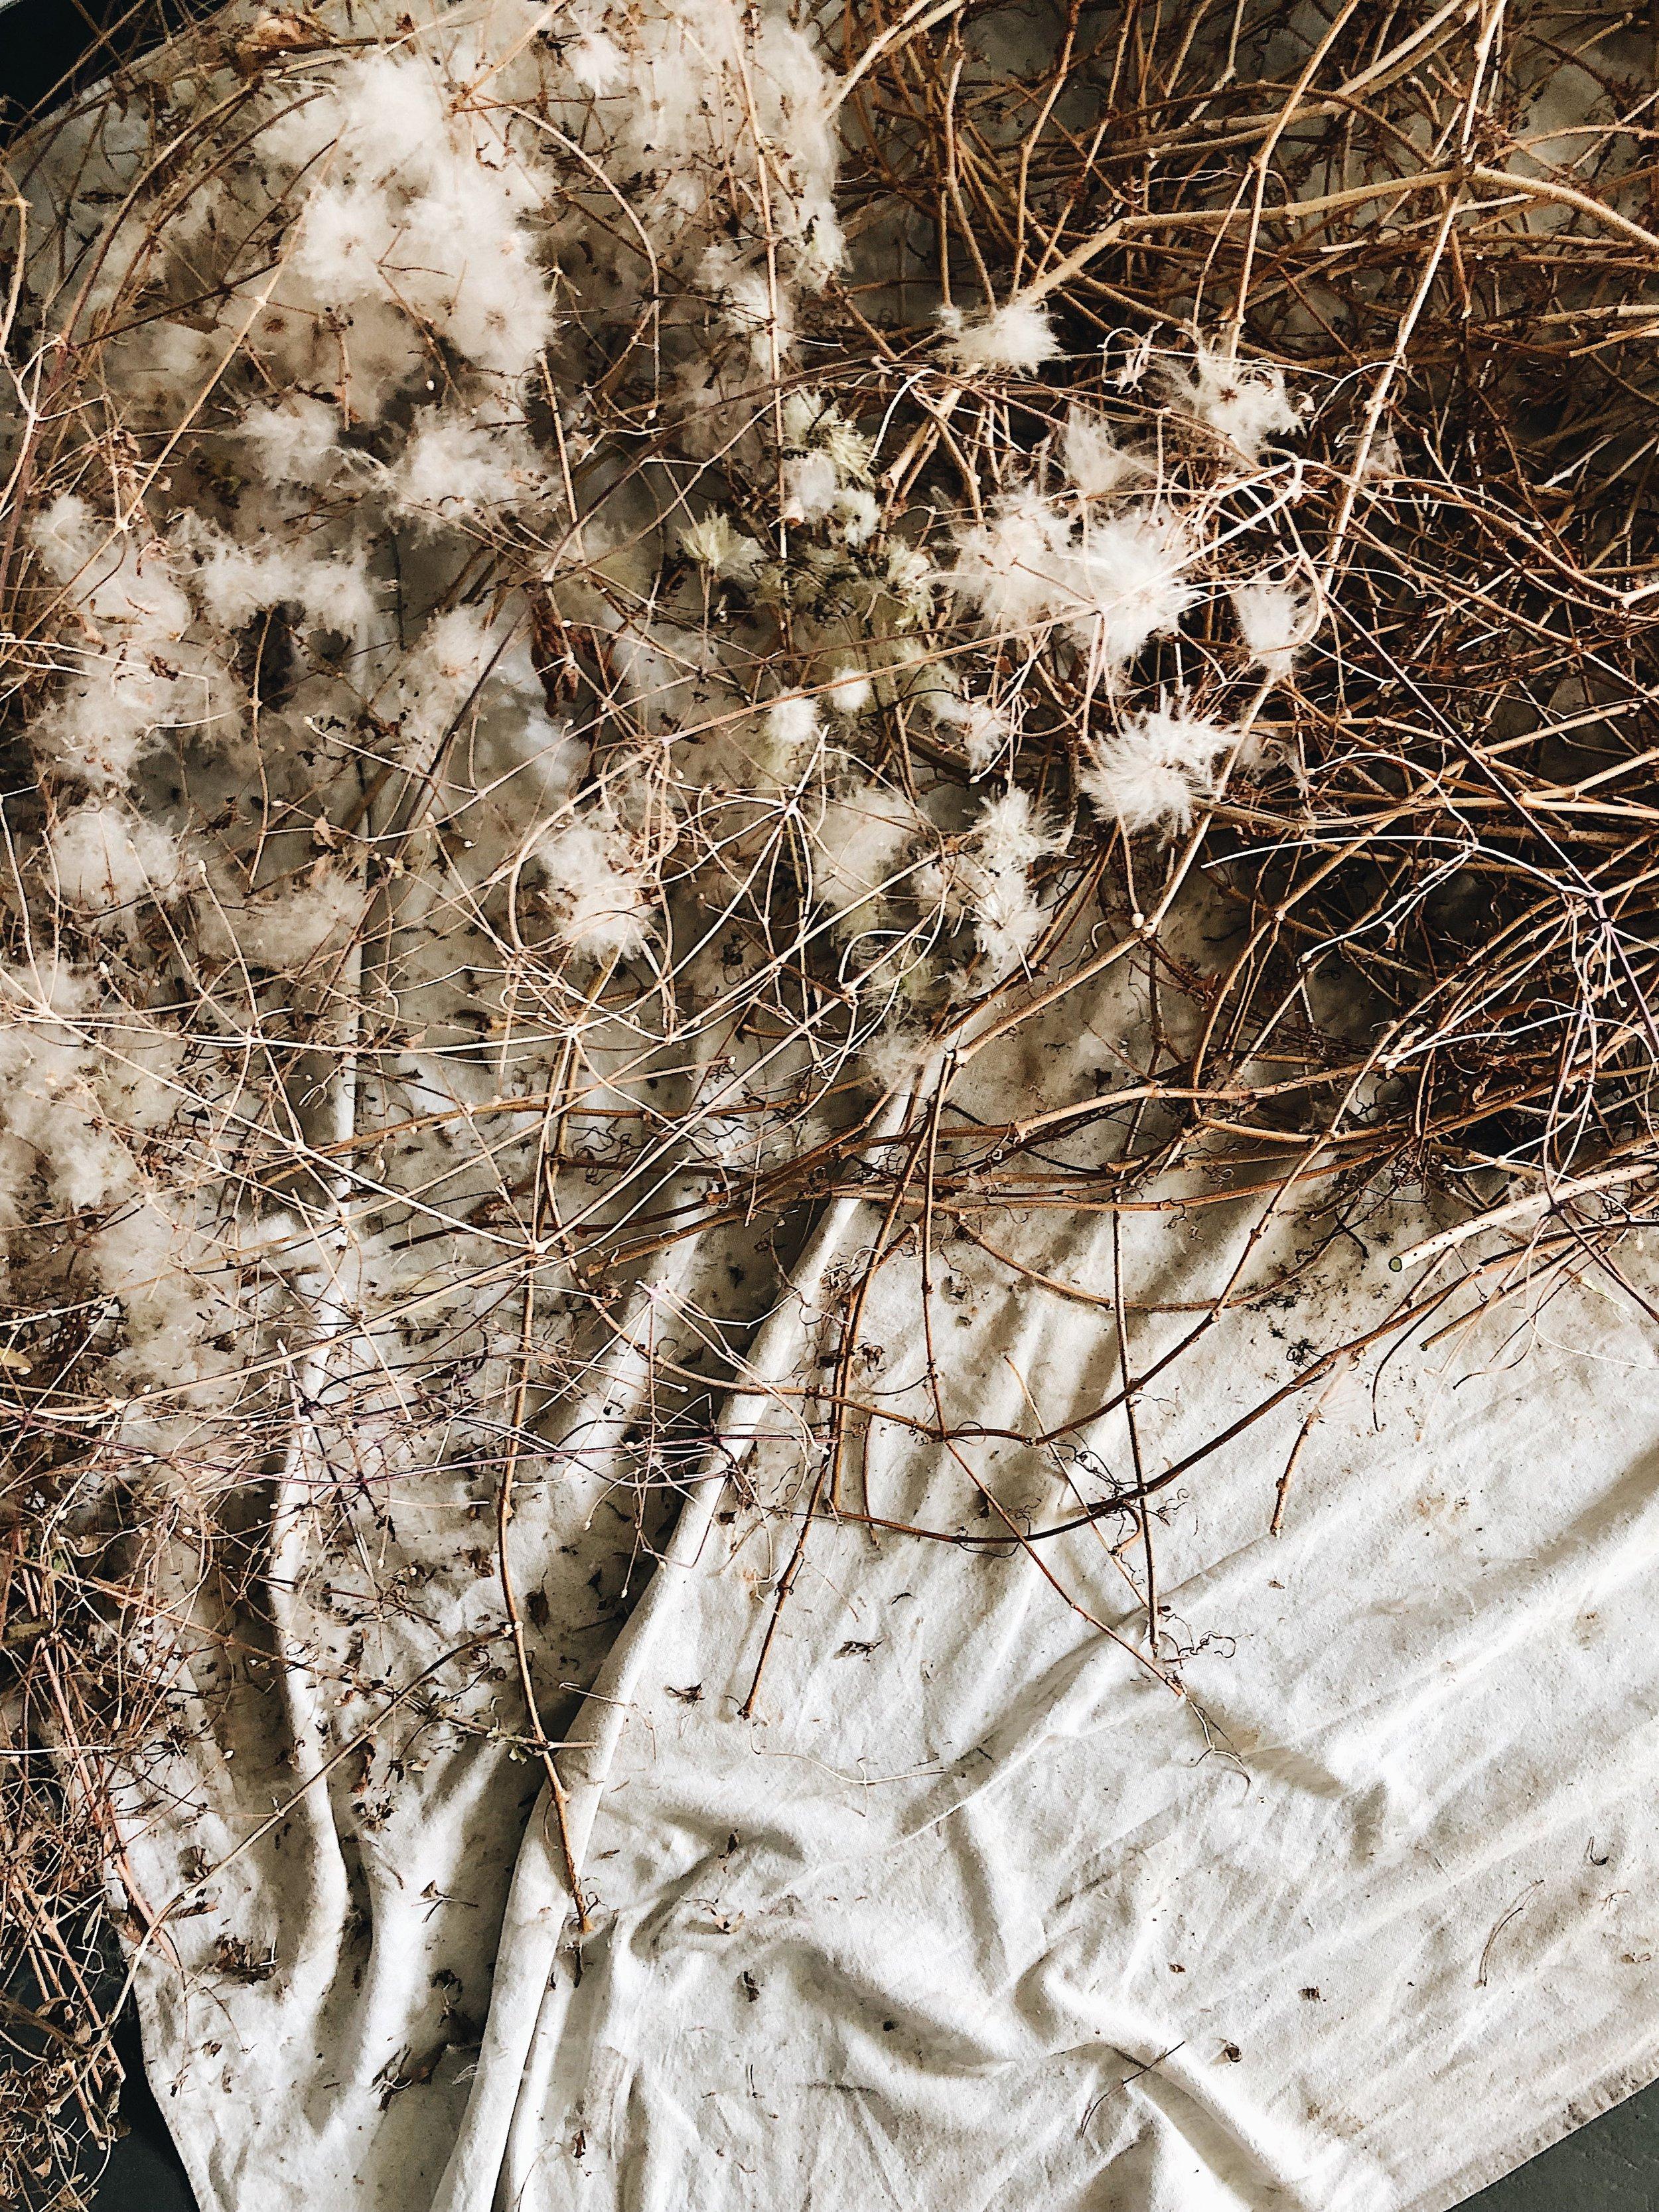 soilandstemclasses